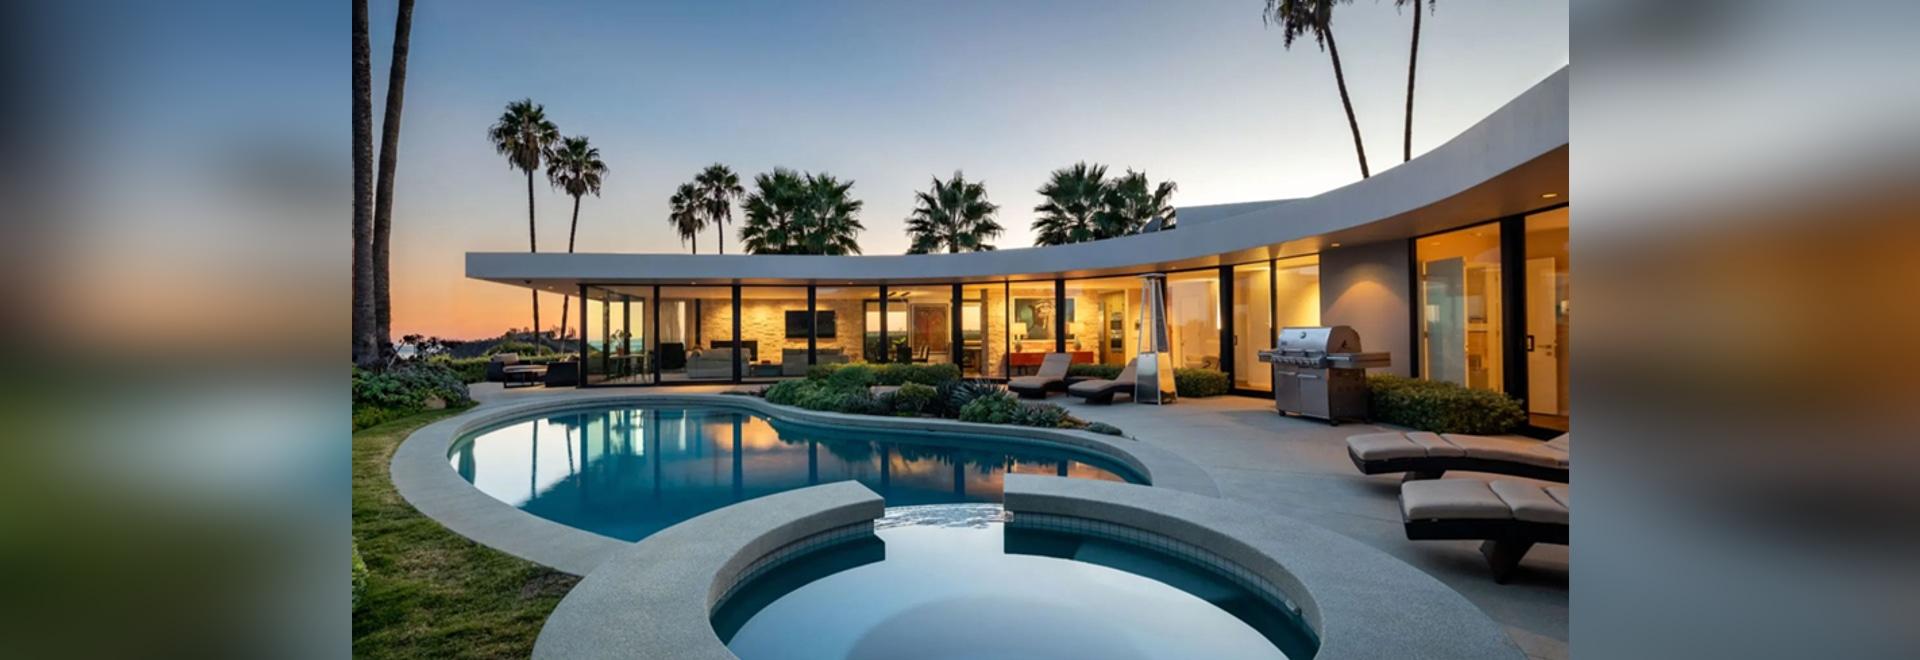 A Peek Inside Elon Musk's Former LA Mansion